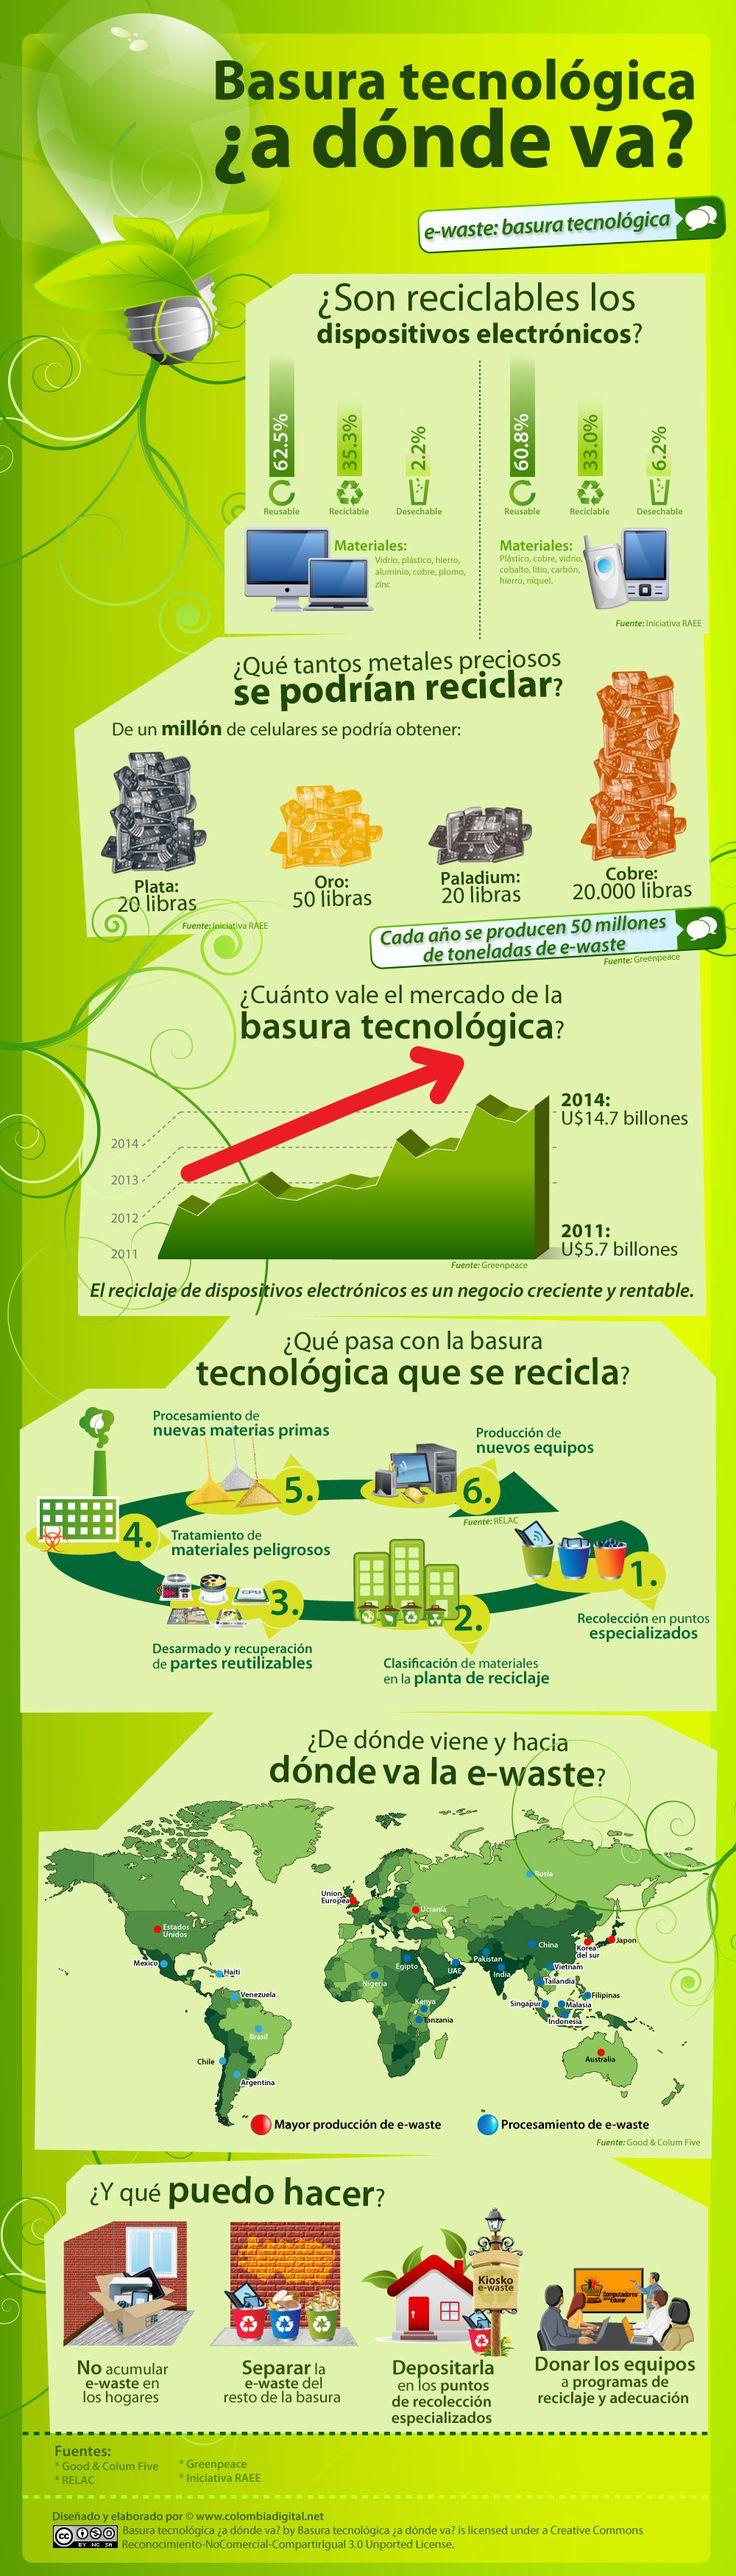 Infografía: Basura tecnológica ¿a dónde va?